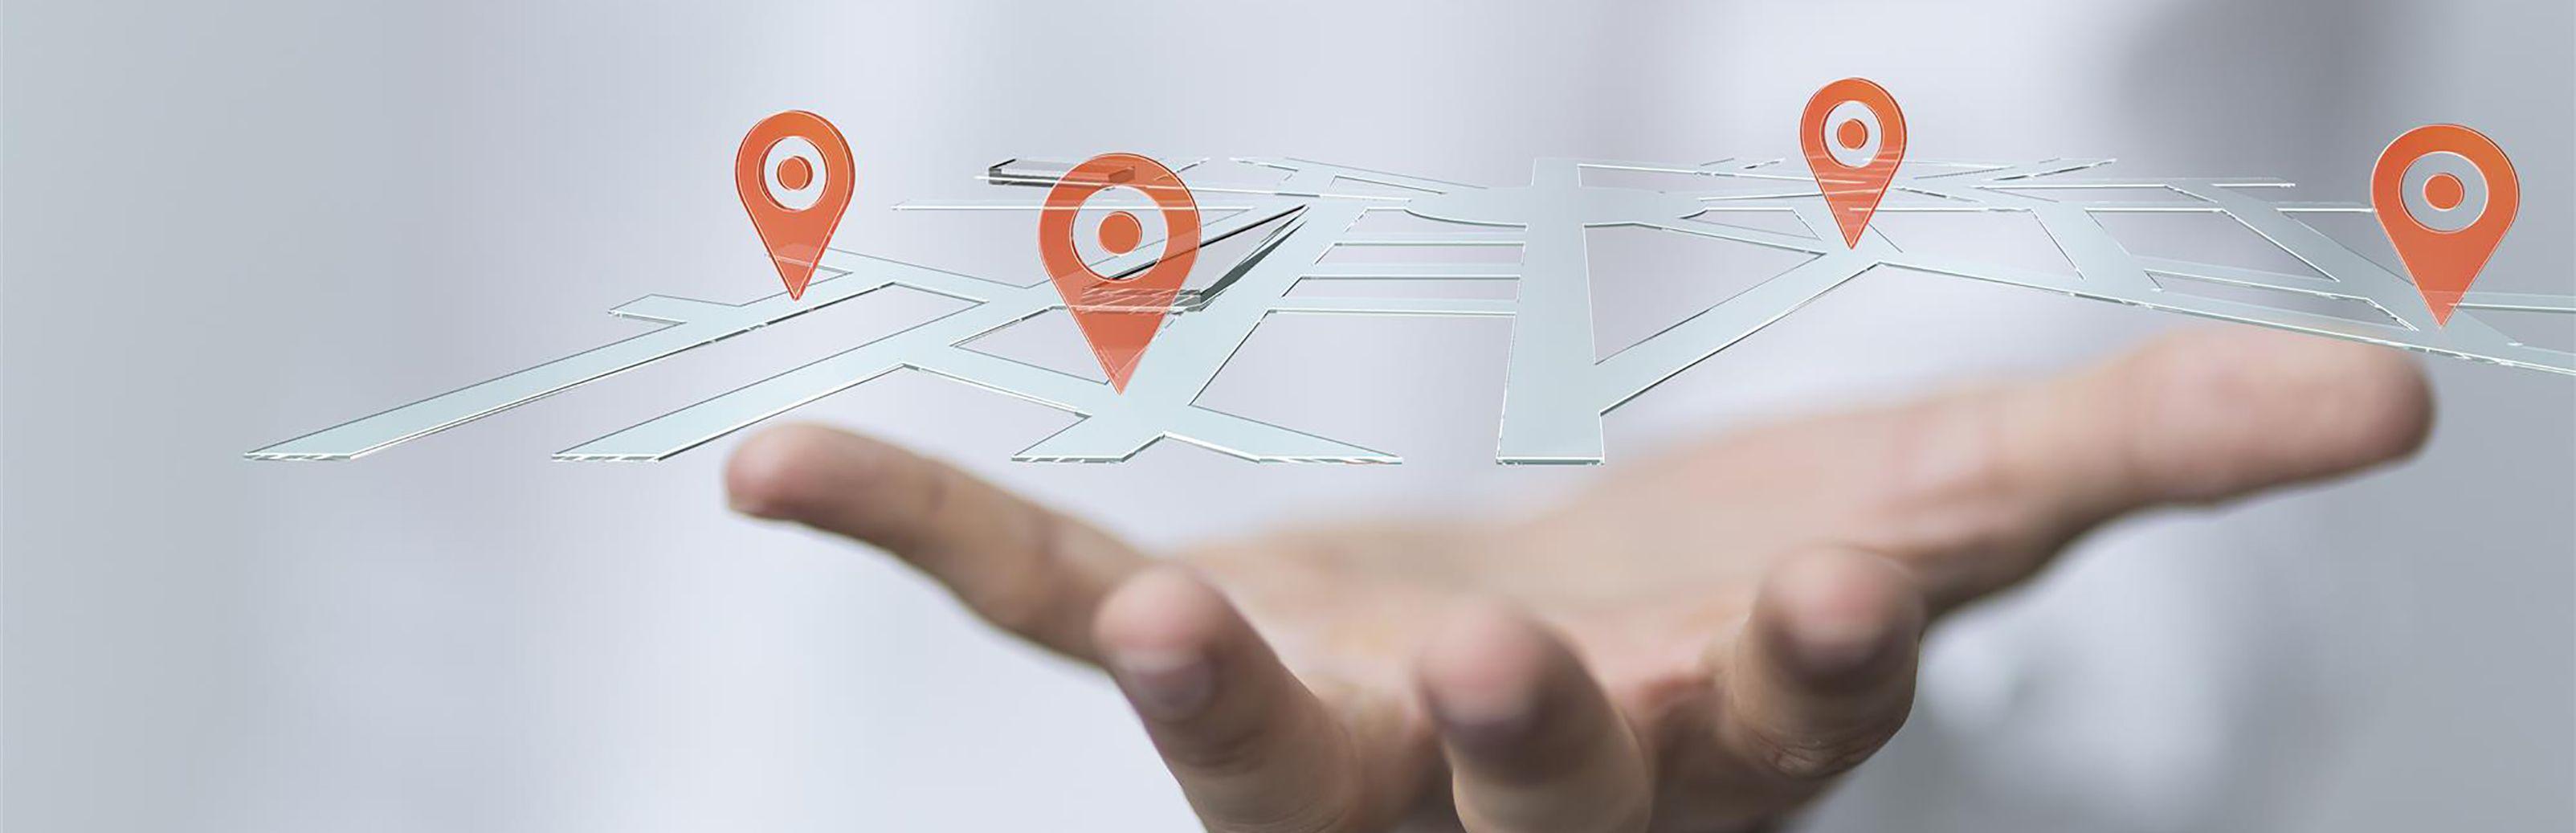 Sistema de monitoramento GPS e seus benefícios